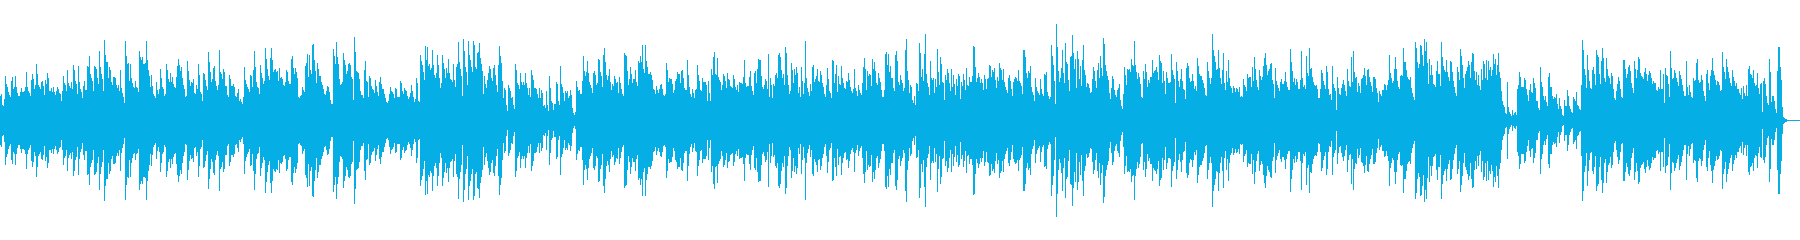 ビブラフォンの音色が優しいジャズの再生済みの波形